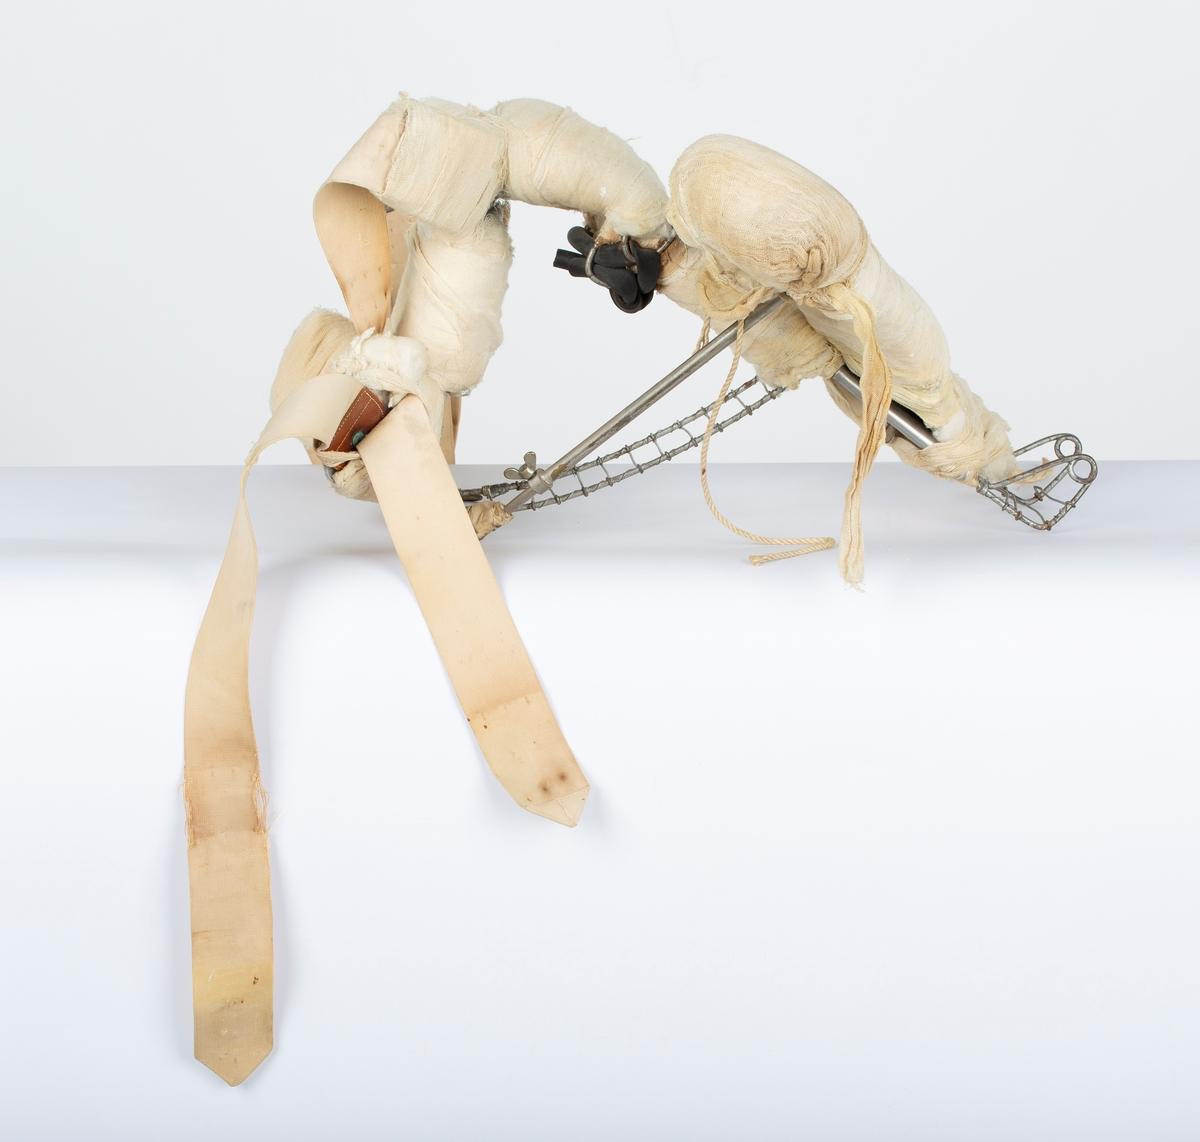 Støtteskinne for brukket/skadet arm. Bøyler mot overkropp, regulerbar. Vattpolstring, surret med gasbind.